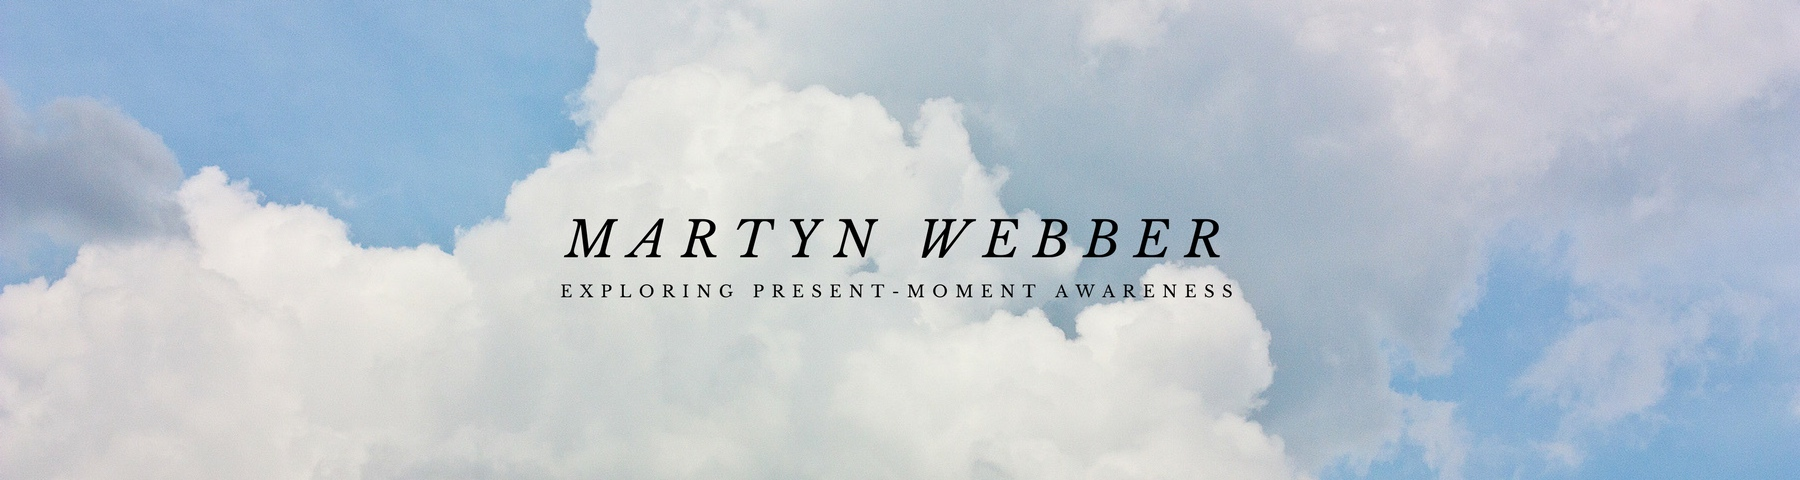 Martyn Webber